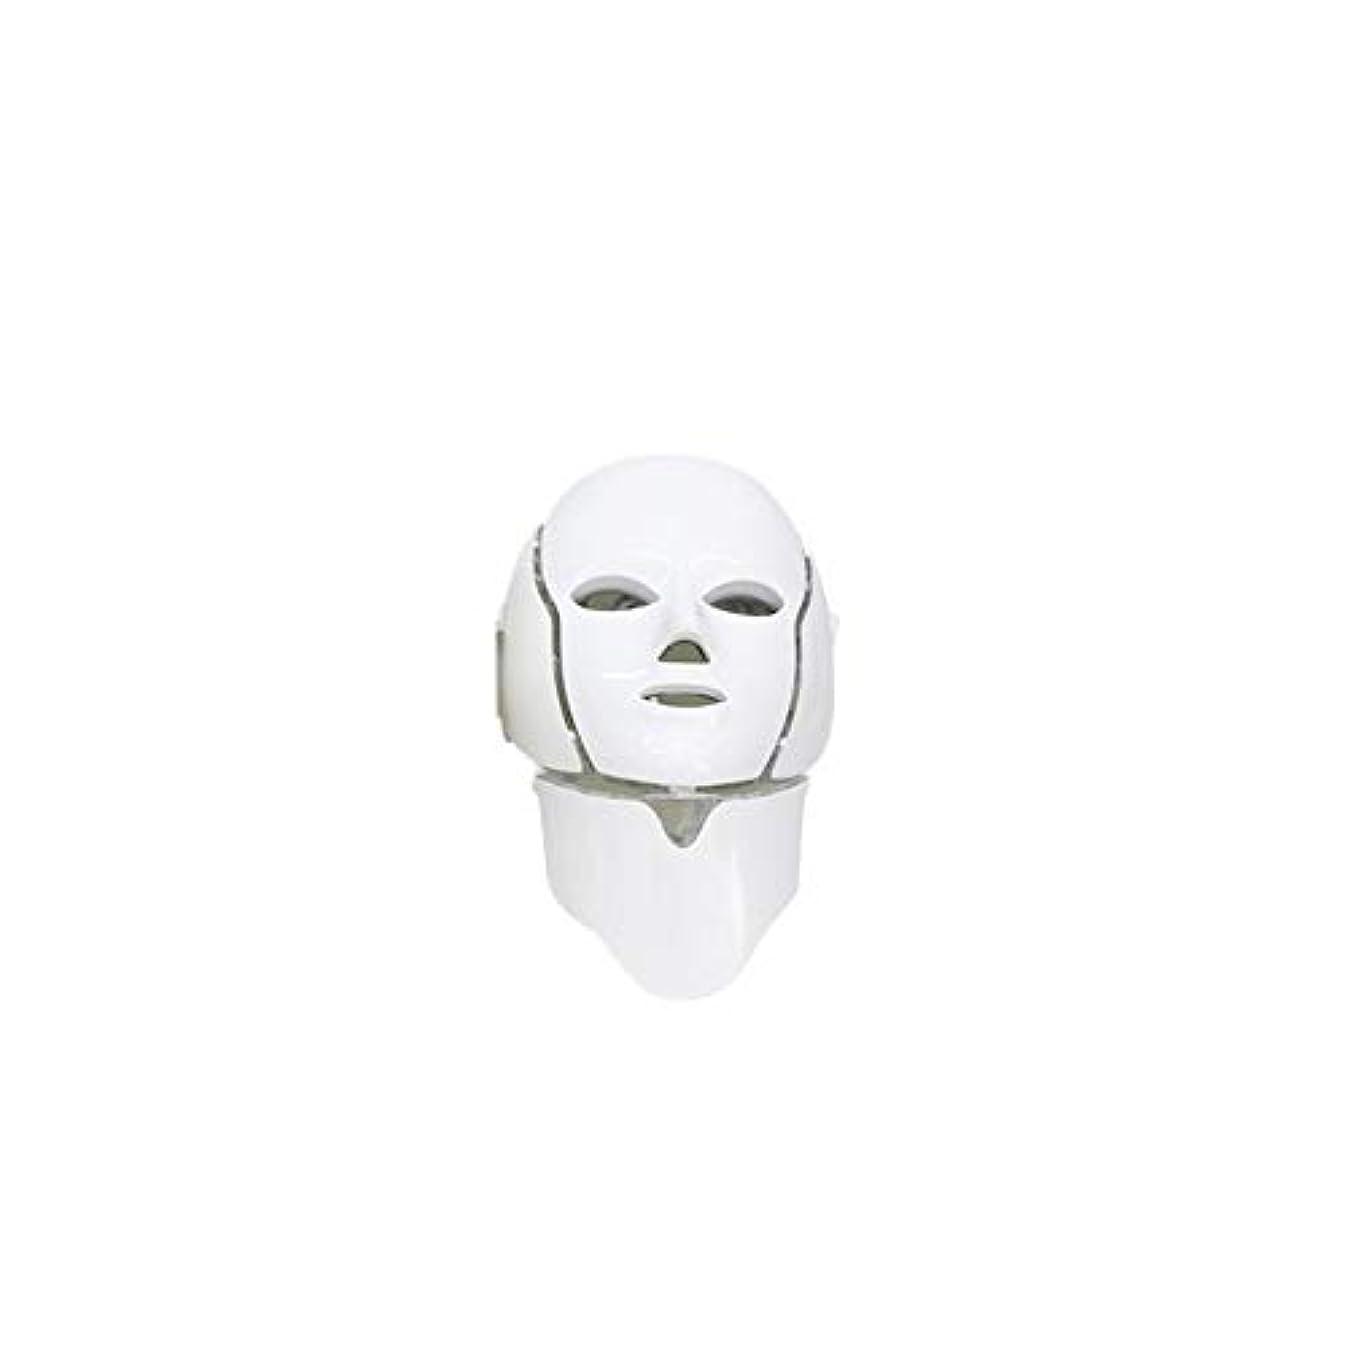 黄ばむ巻き戻す食い違いOnepeak 美肌若返りマイクロ電流マスク楽器ネックネックマスク7色フォトニックニキビ美肌ホーム